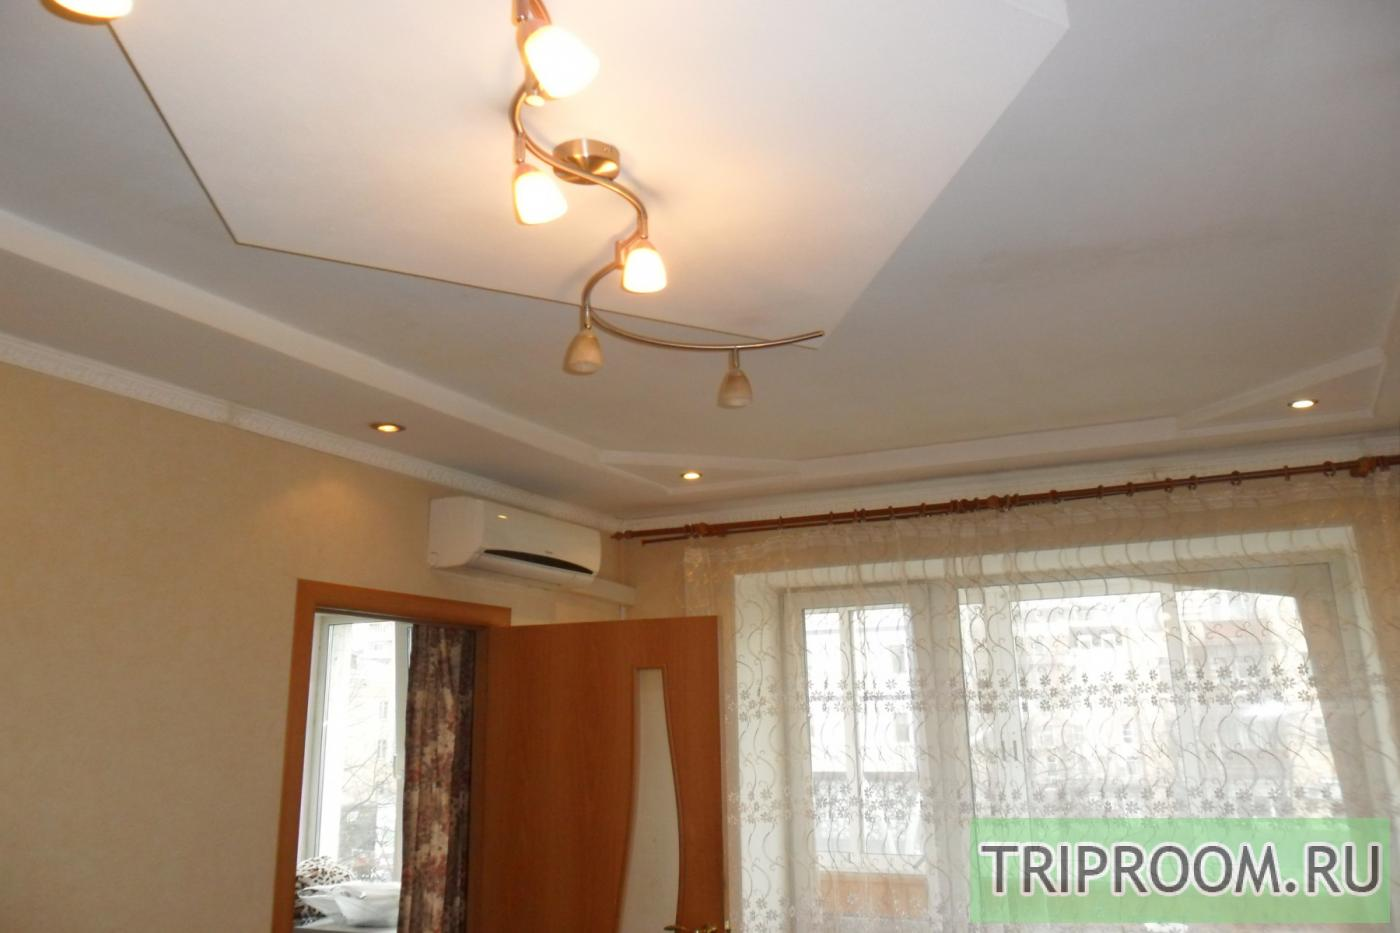 2-комнатная квартира посуточно (вариант № 34504), ул. Комсомольский проспект, фото № 6